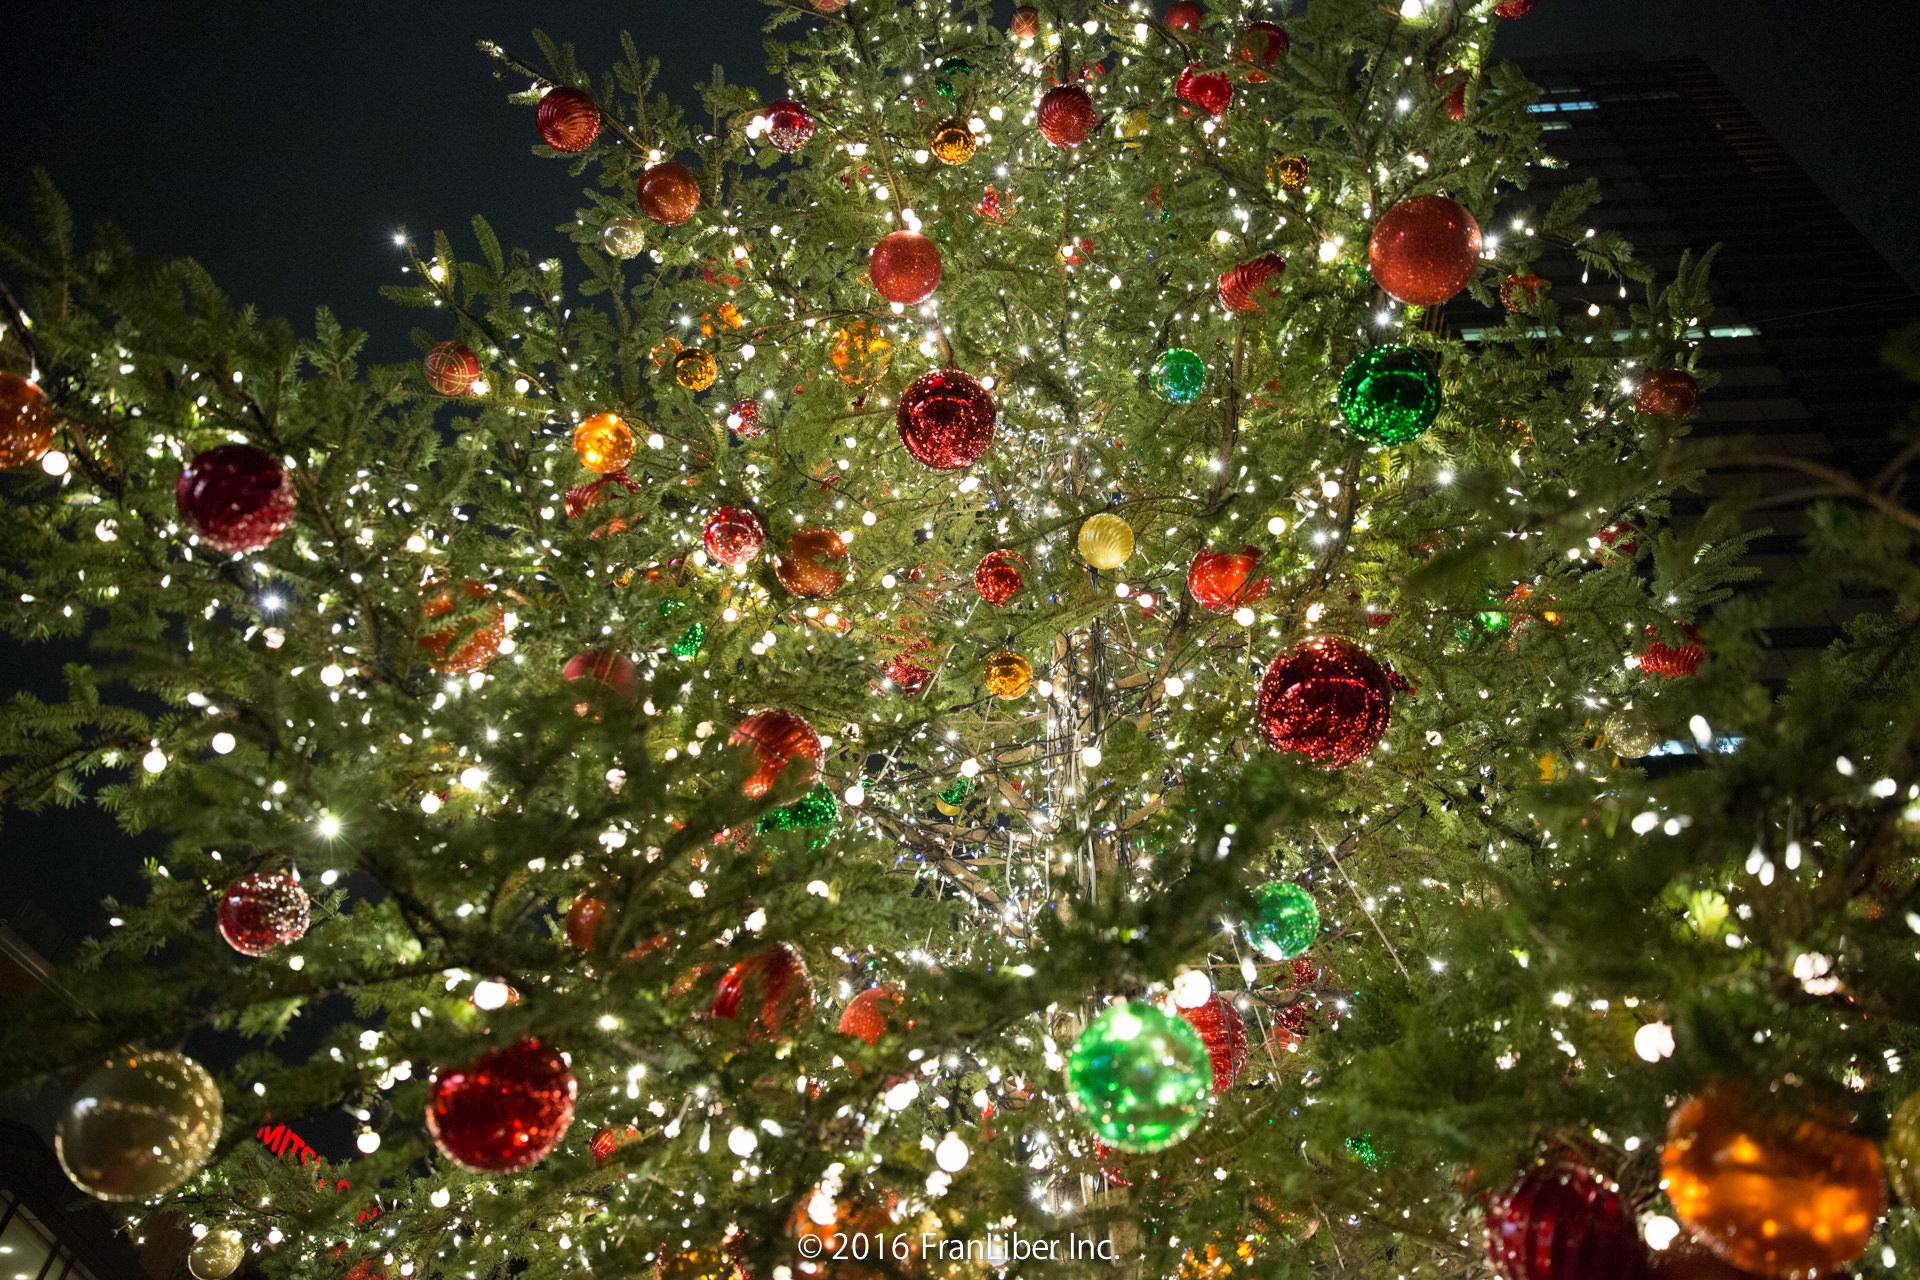 クリスマスツリー内部